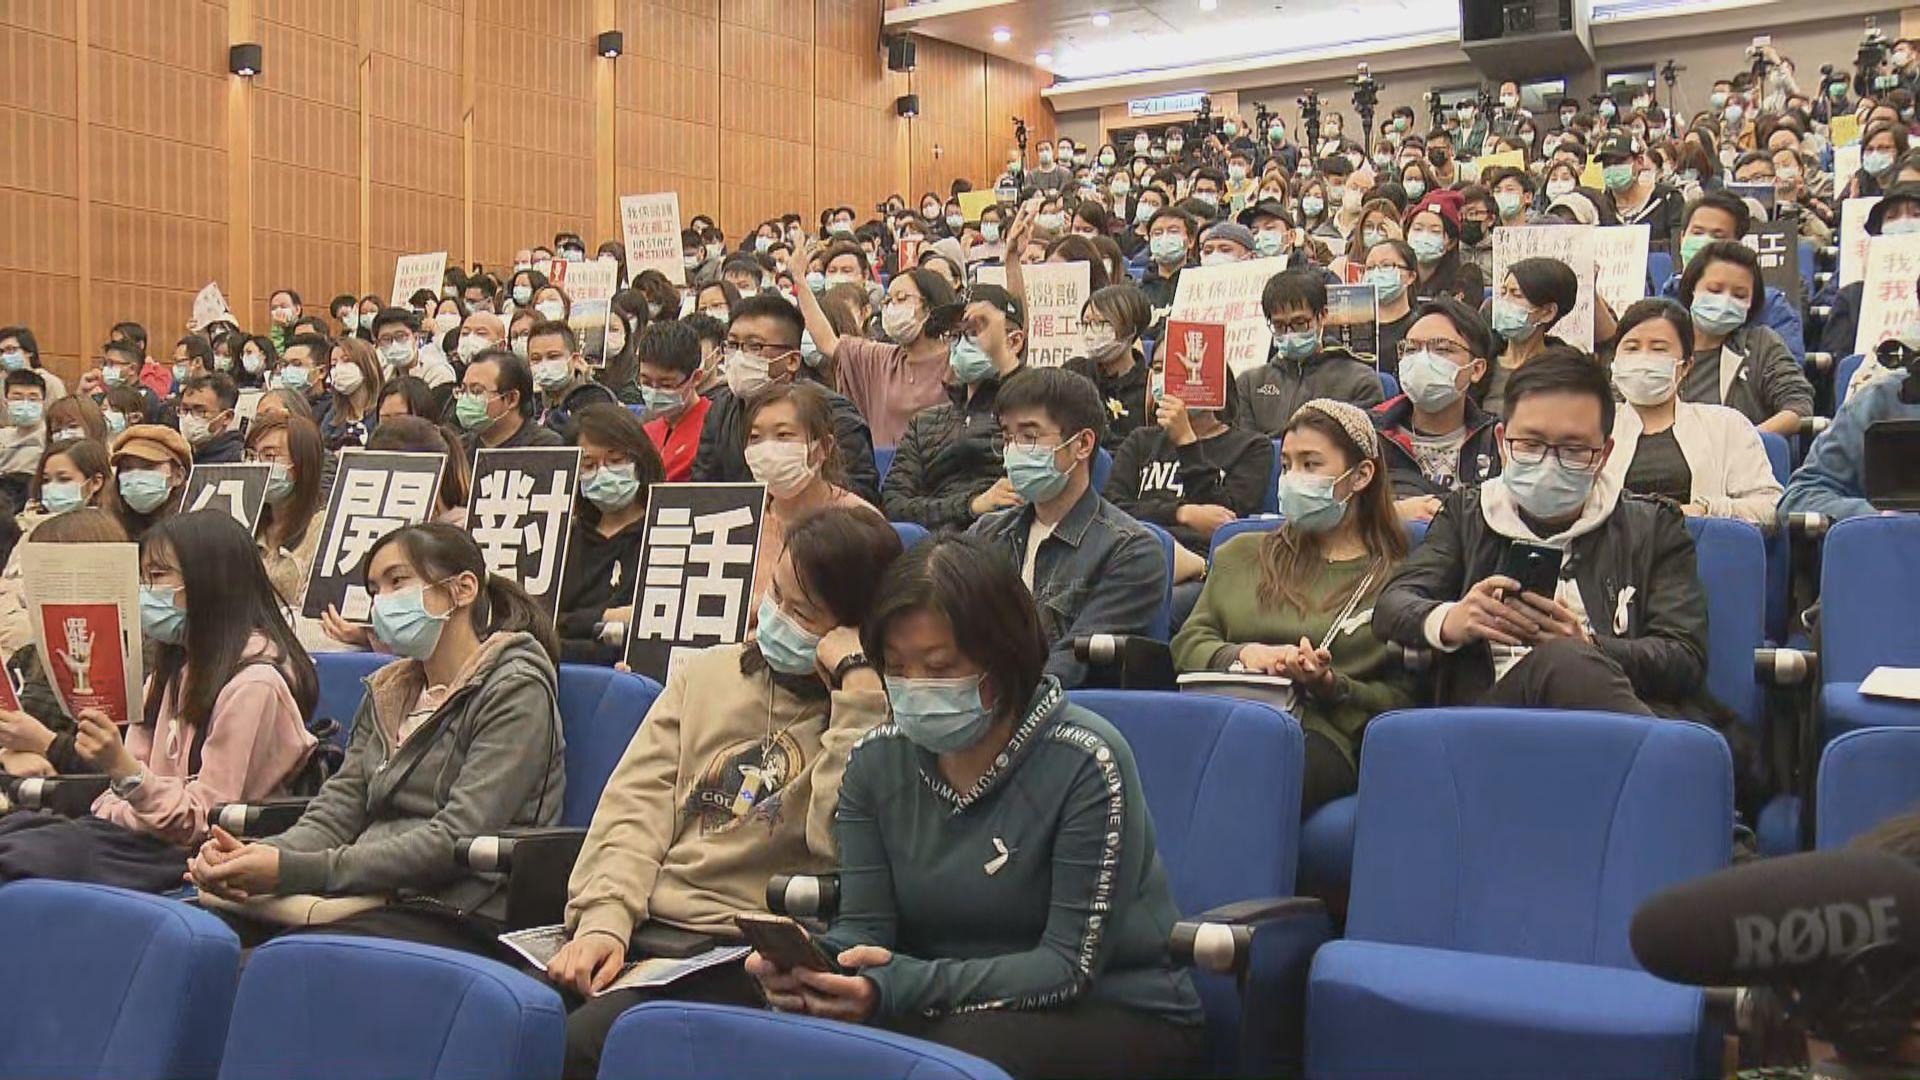 醫管局員工陣線啟動第二階段罷工 料9000人參與